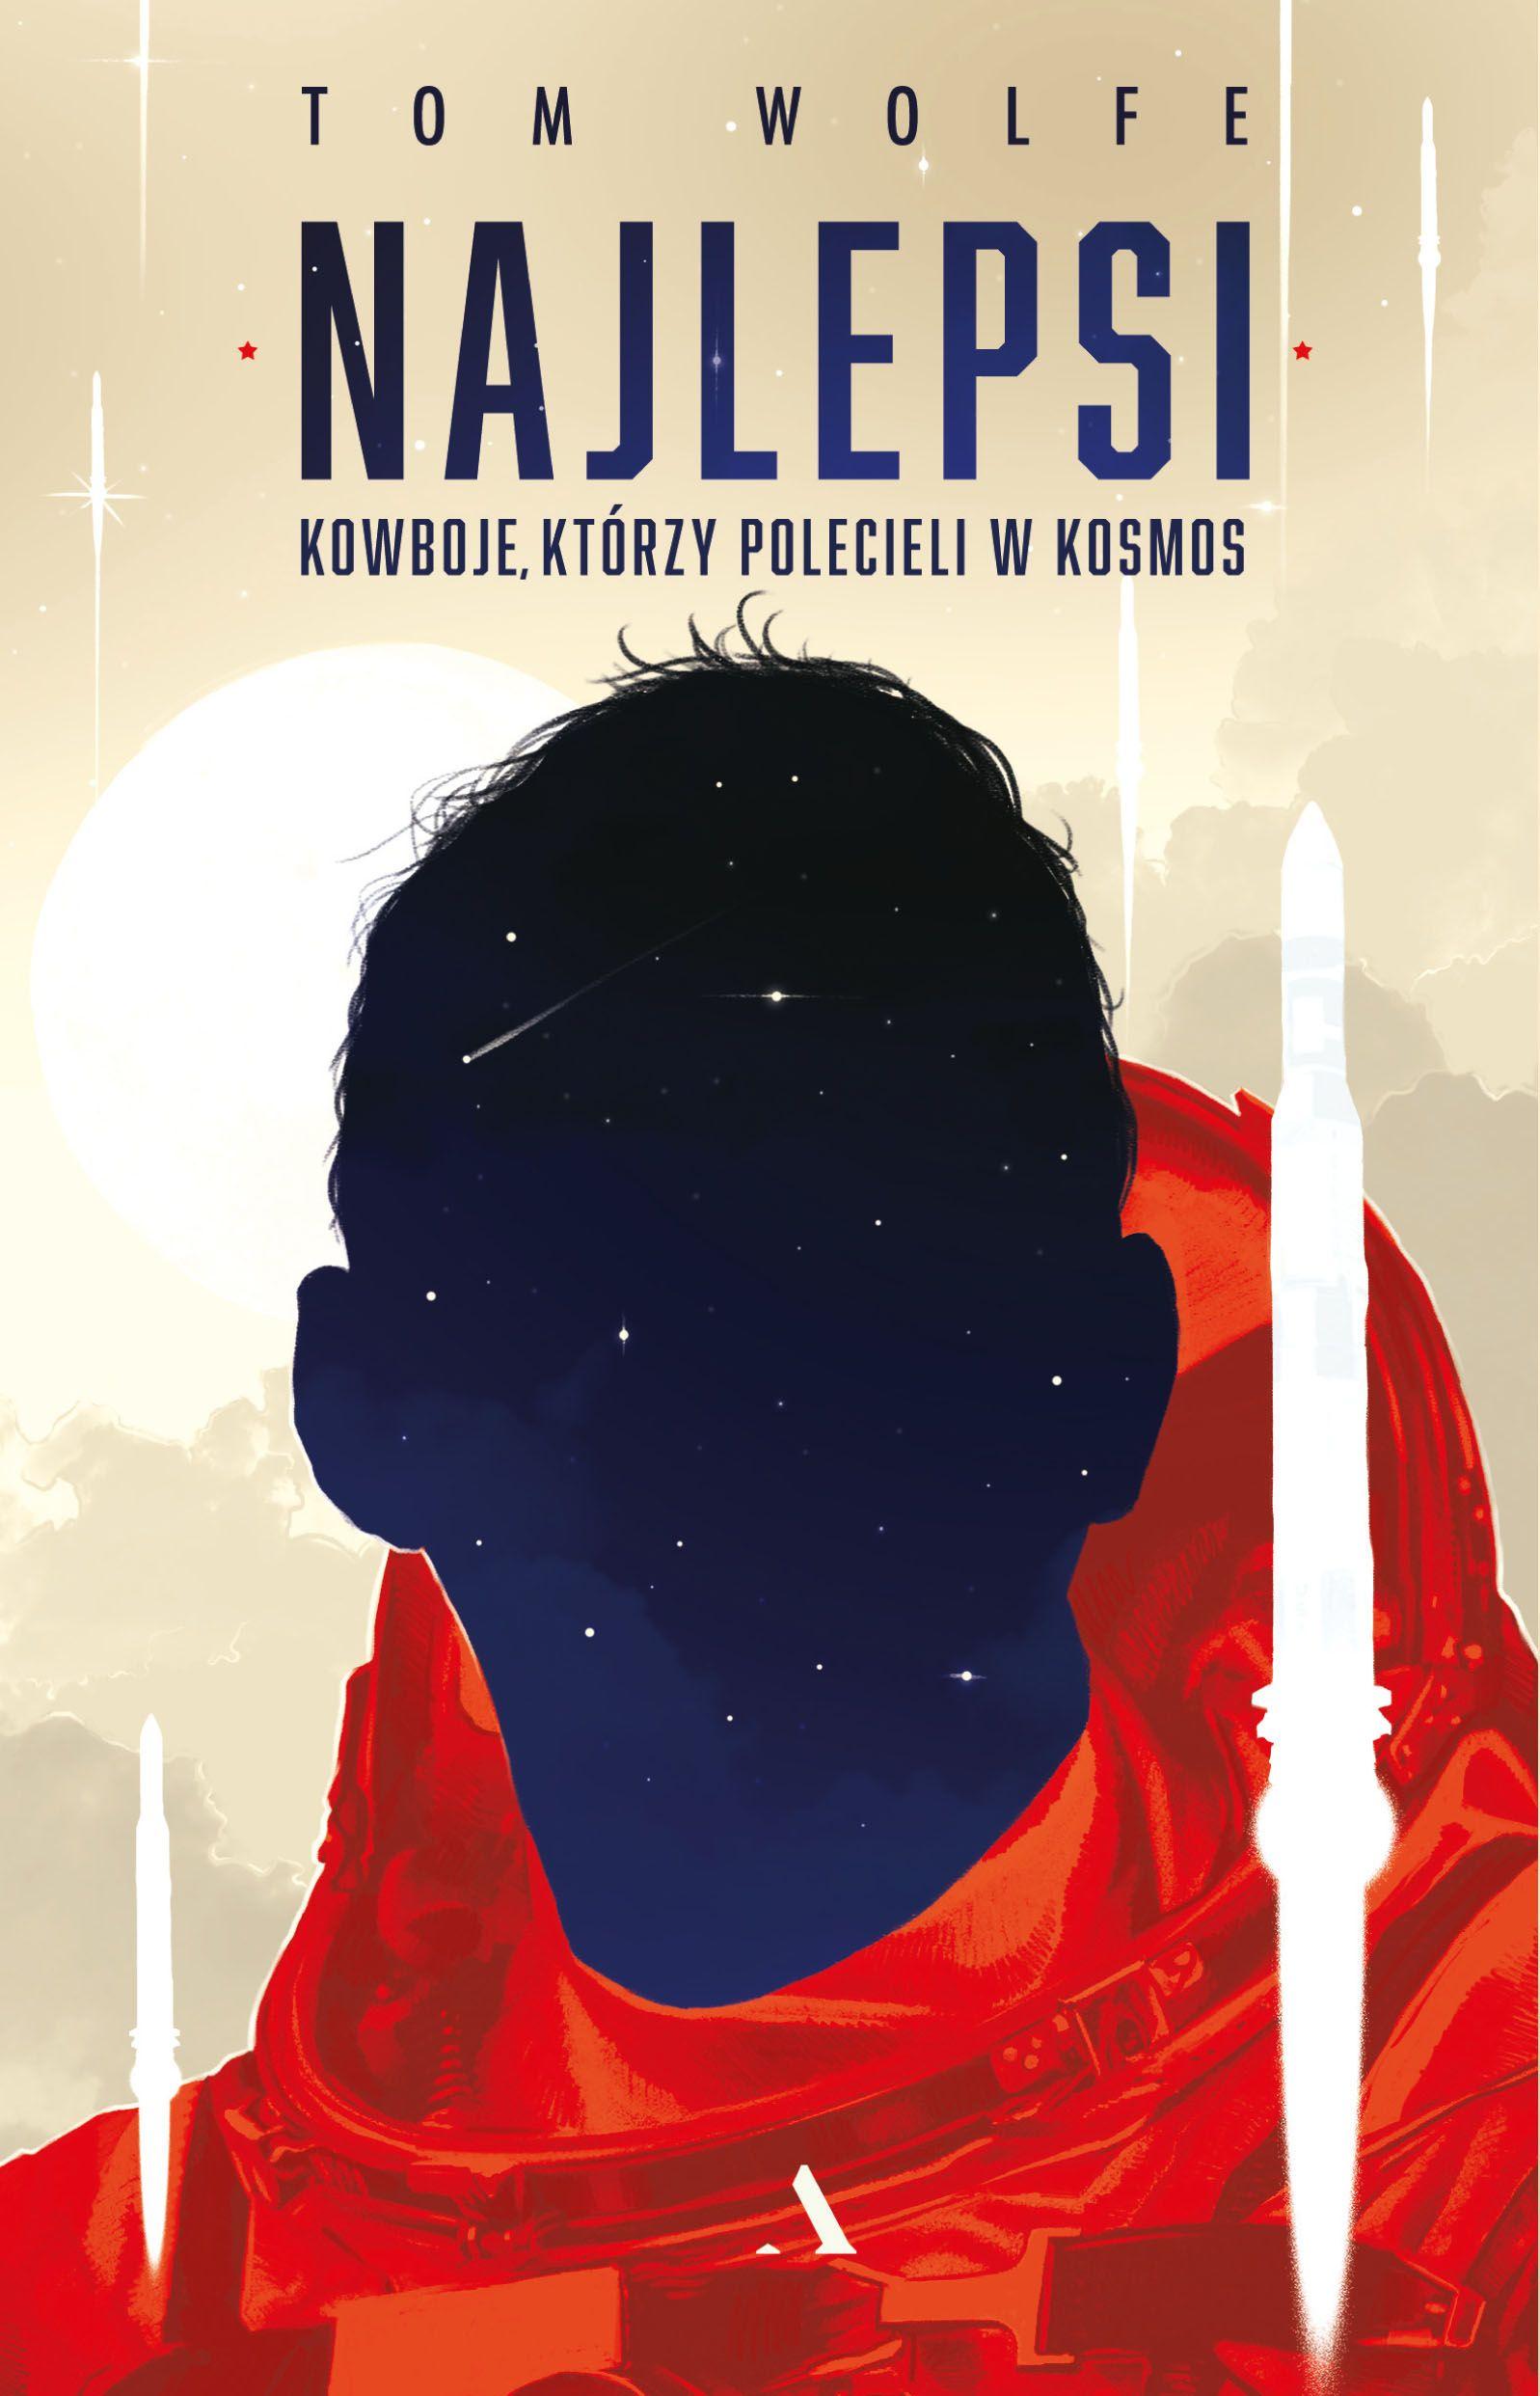 """Inspiracją do napisania artykułu była książka Toma Wolfe'go """"Najlepsi. Kowboje, którzy polecieli w kosmos"""" (Agora 2018), opowiadająca o początkach programów kosmicznych."""